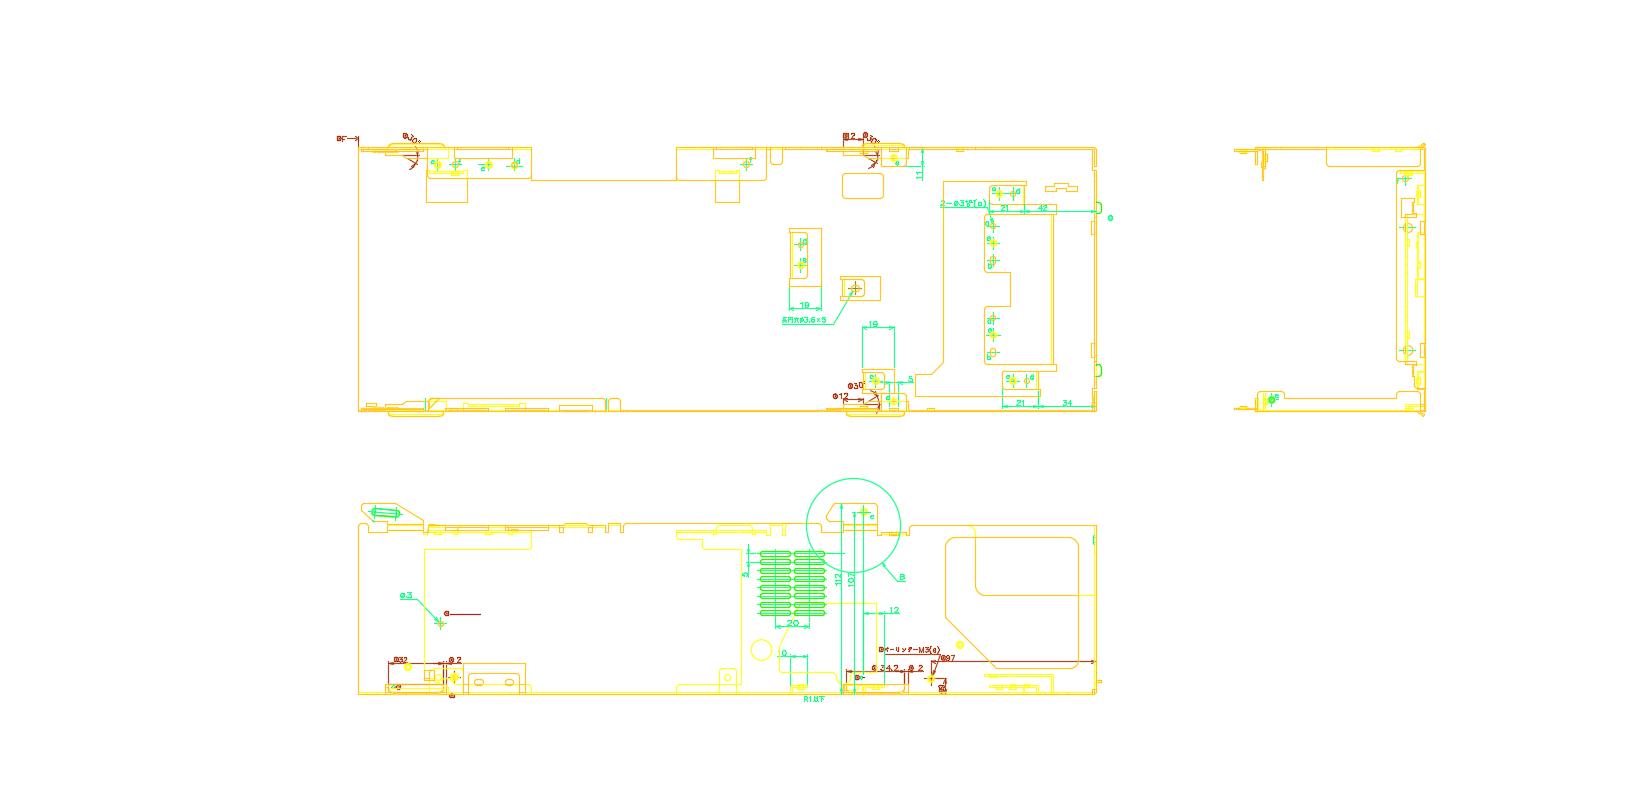 镀锌板五金冲压件2D图纸